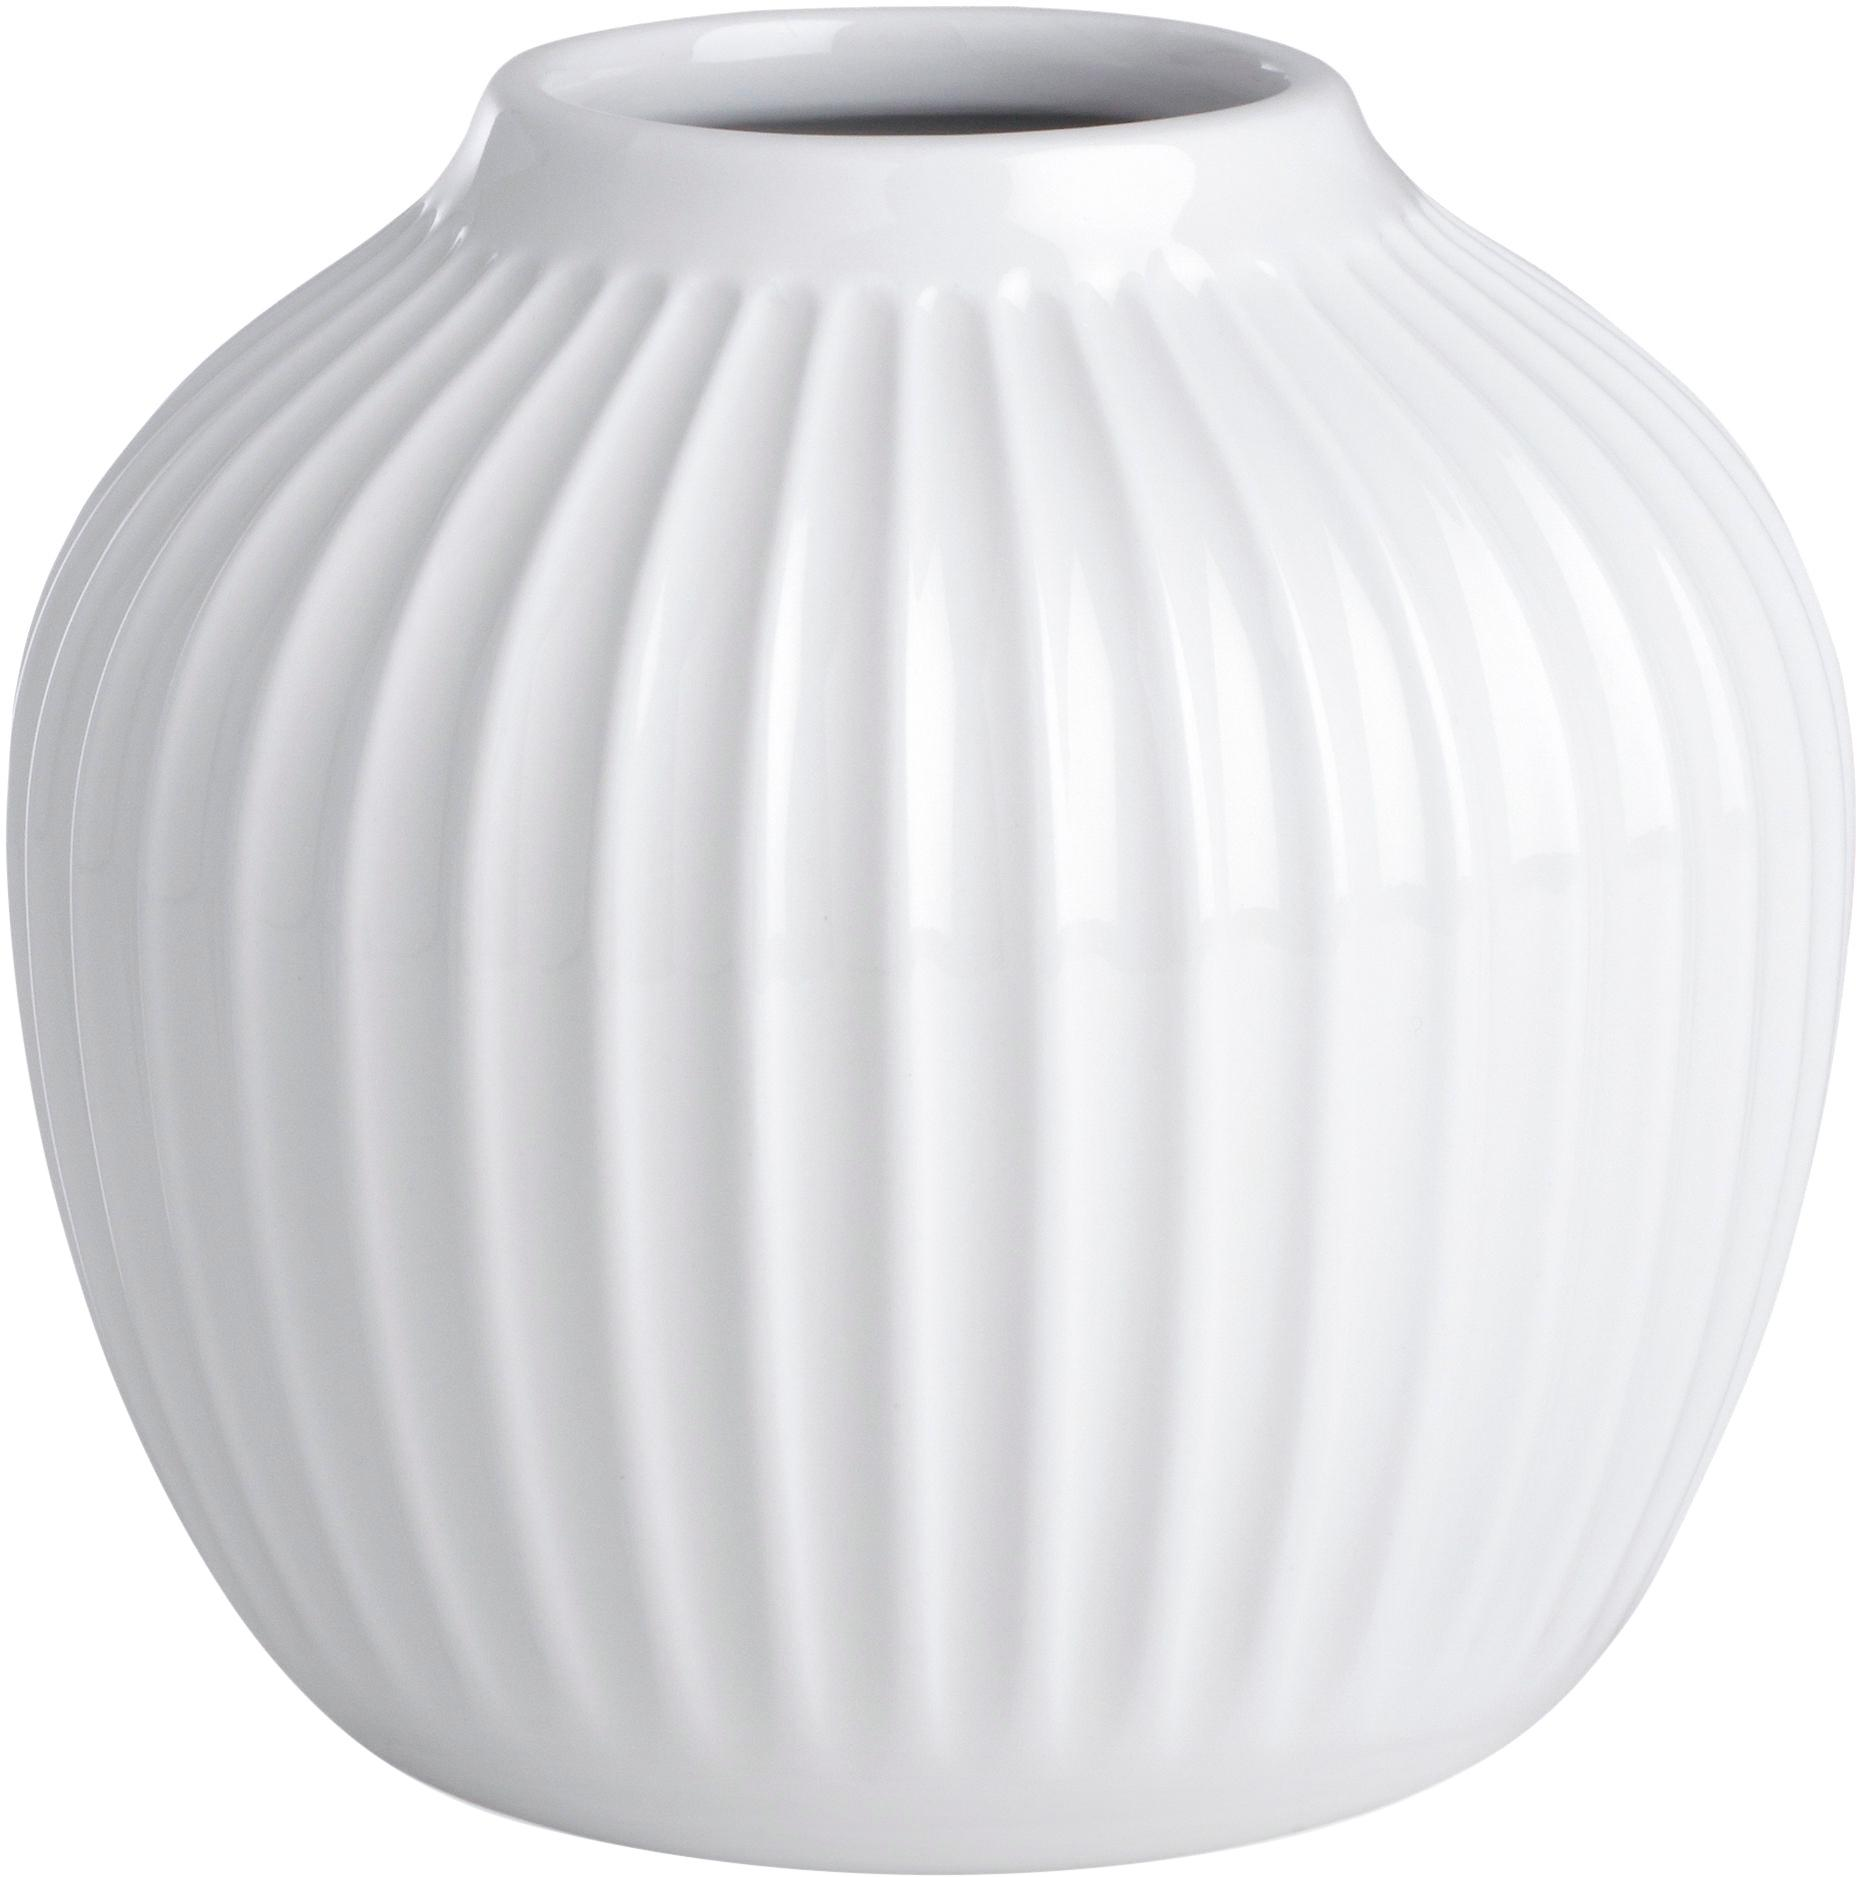 Kleine handgefertigte Design-Vase Hammershøi, Porzellan, Weiß, Ø 14 x H 13 cm